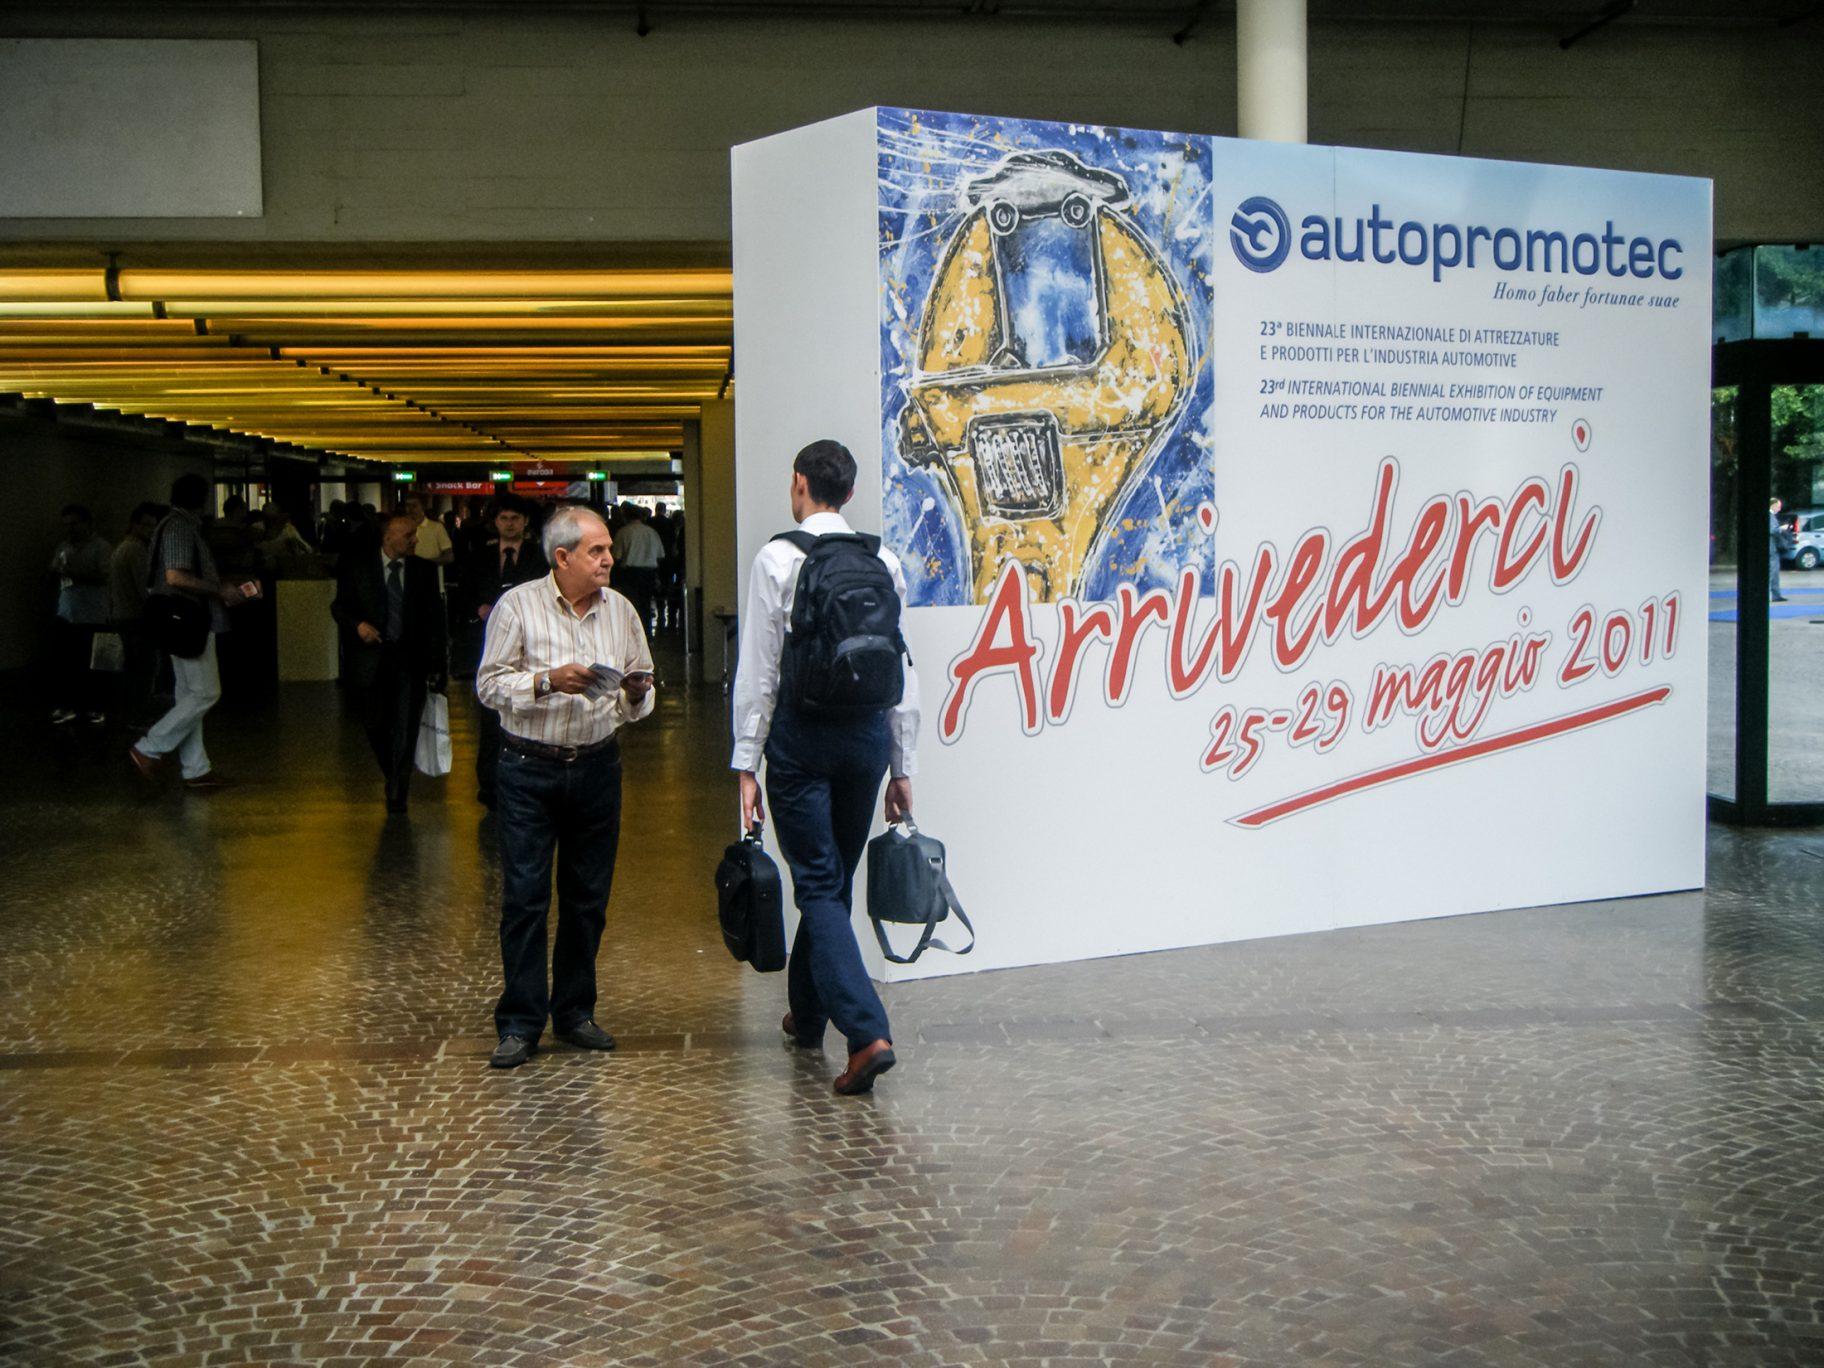 Autopromotec-fiera-2009-cartellonistica 02